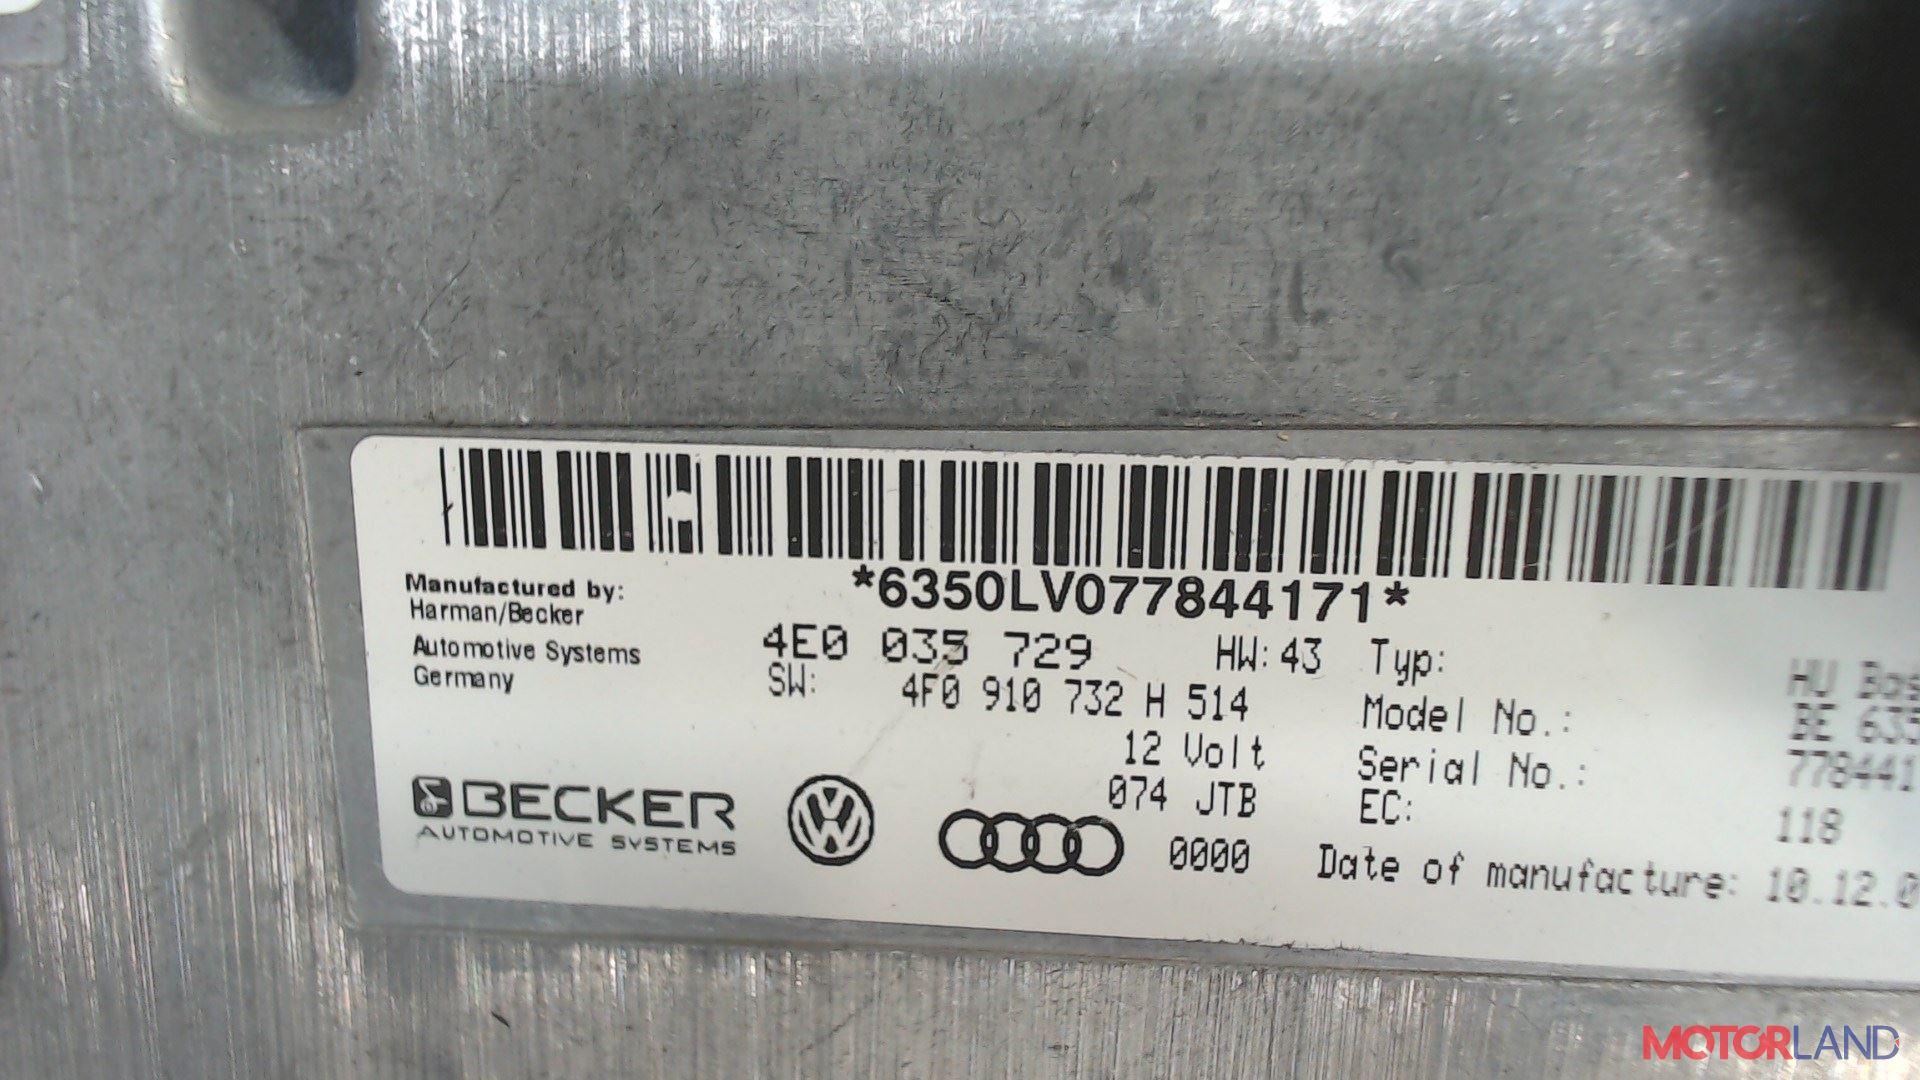 Блок управления (ЭБУ) Audi A6 (C6) 2005-2011 2.7 л. 2008 BPP б/у #4